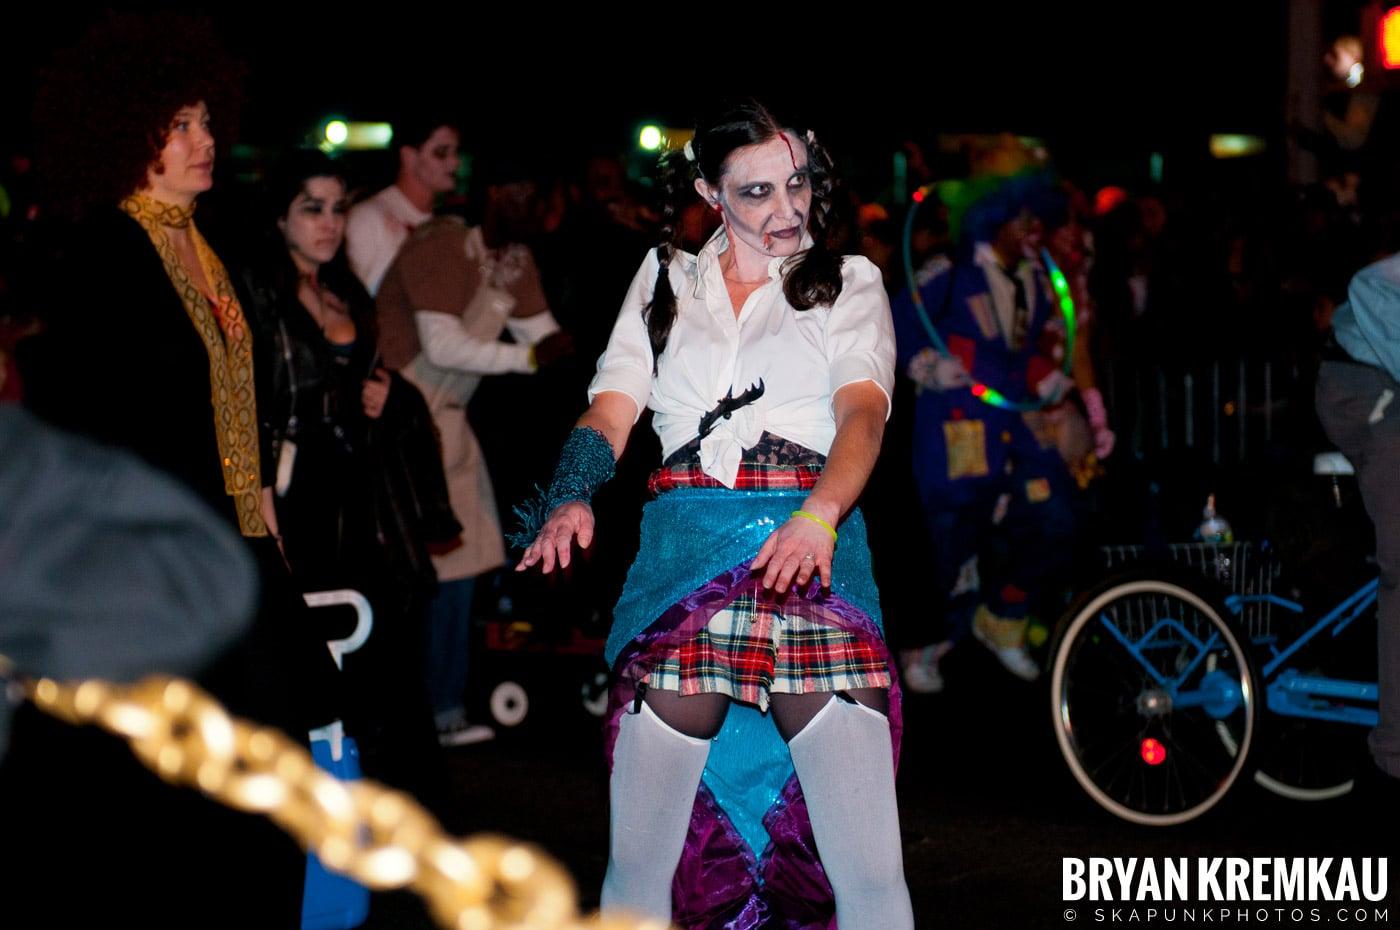 NYC Halloween Parade 2011 @ New York, NY - 10.31.11 (74)